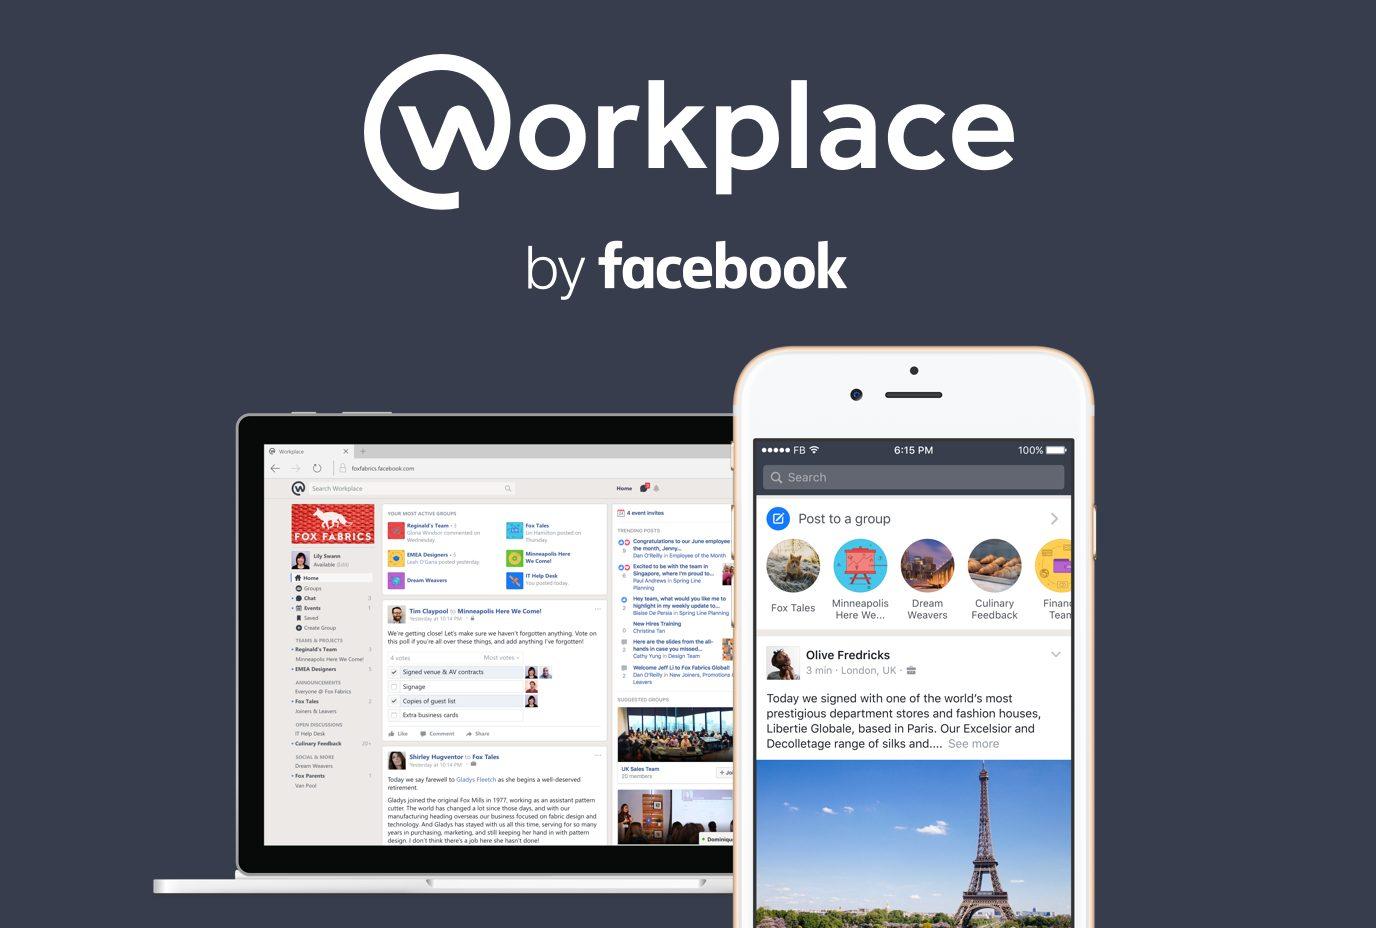 Workplace Facebook là gì và nó khác Facebook thông thường như thế nào? 5